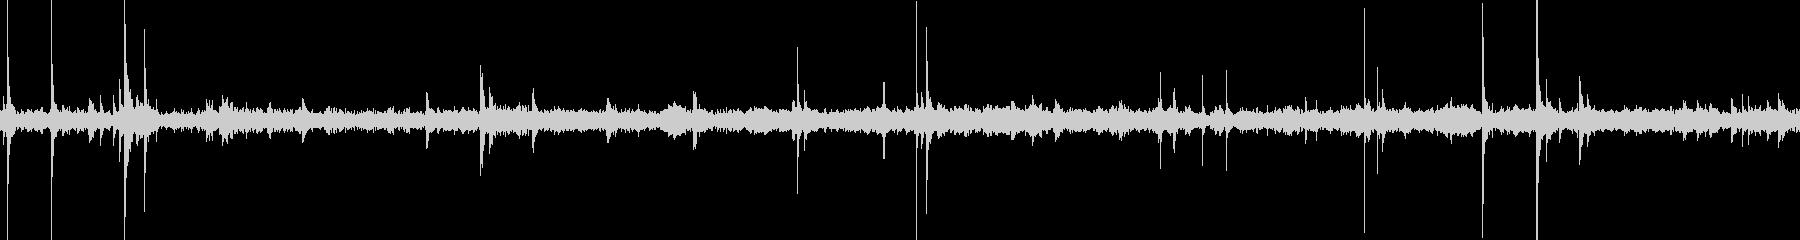 ビリヤード場(環境音)の未再生の波形